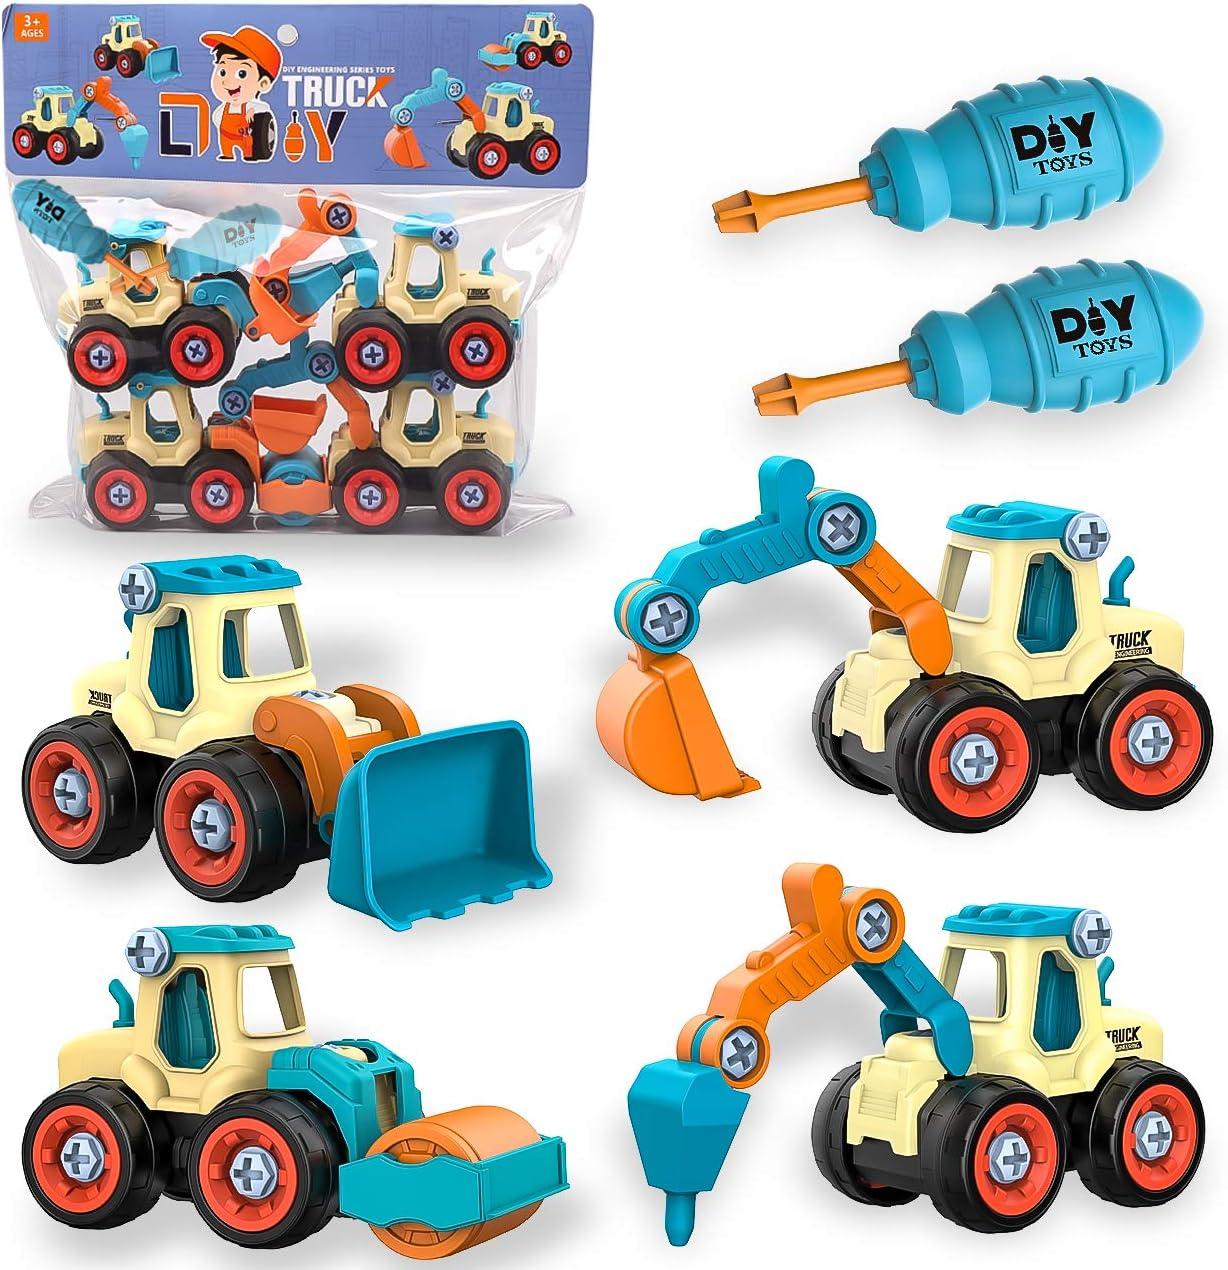 aovowog 4 en 1 Vehículo de Construcciones para Niños,Juguetes Niños 2 3 4 5 Años,Excavadora Juguete Camiones de Juguete,Desmontar y Ensamblarde Herramientas Juguete para Niño y Niña